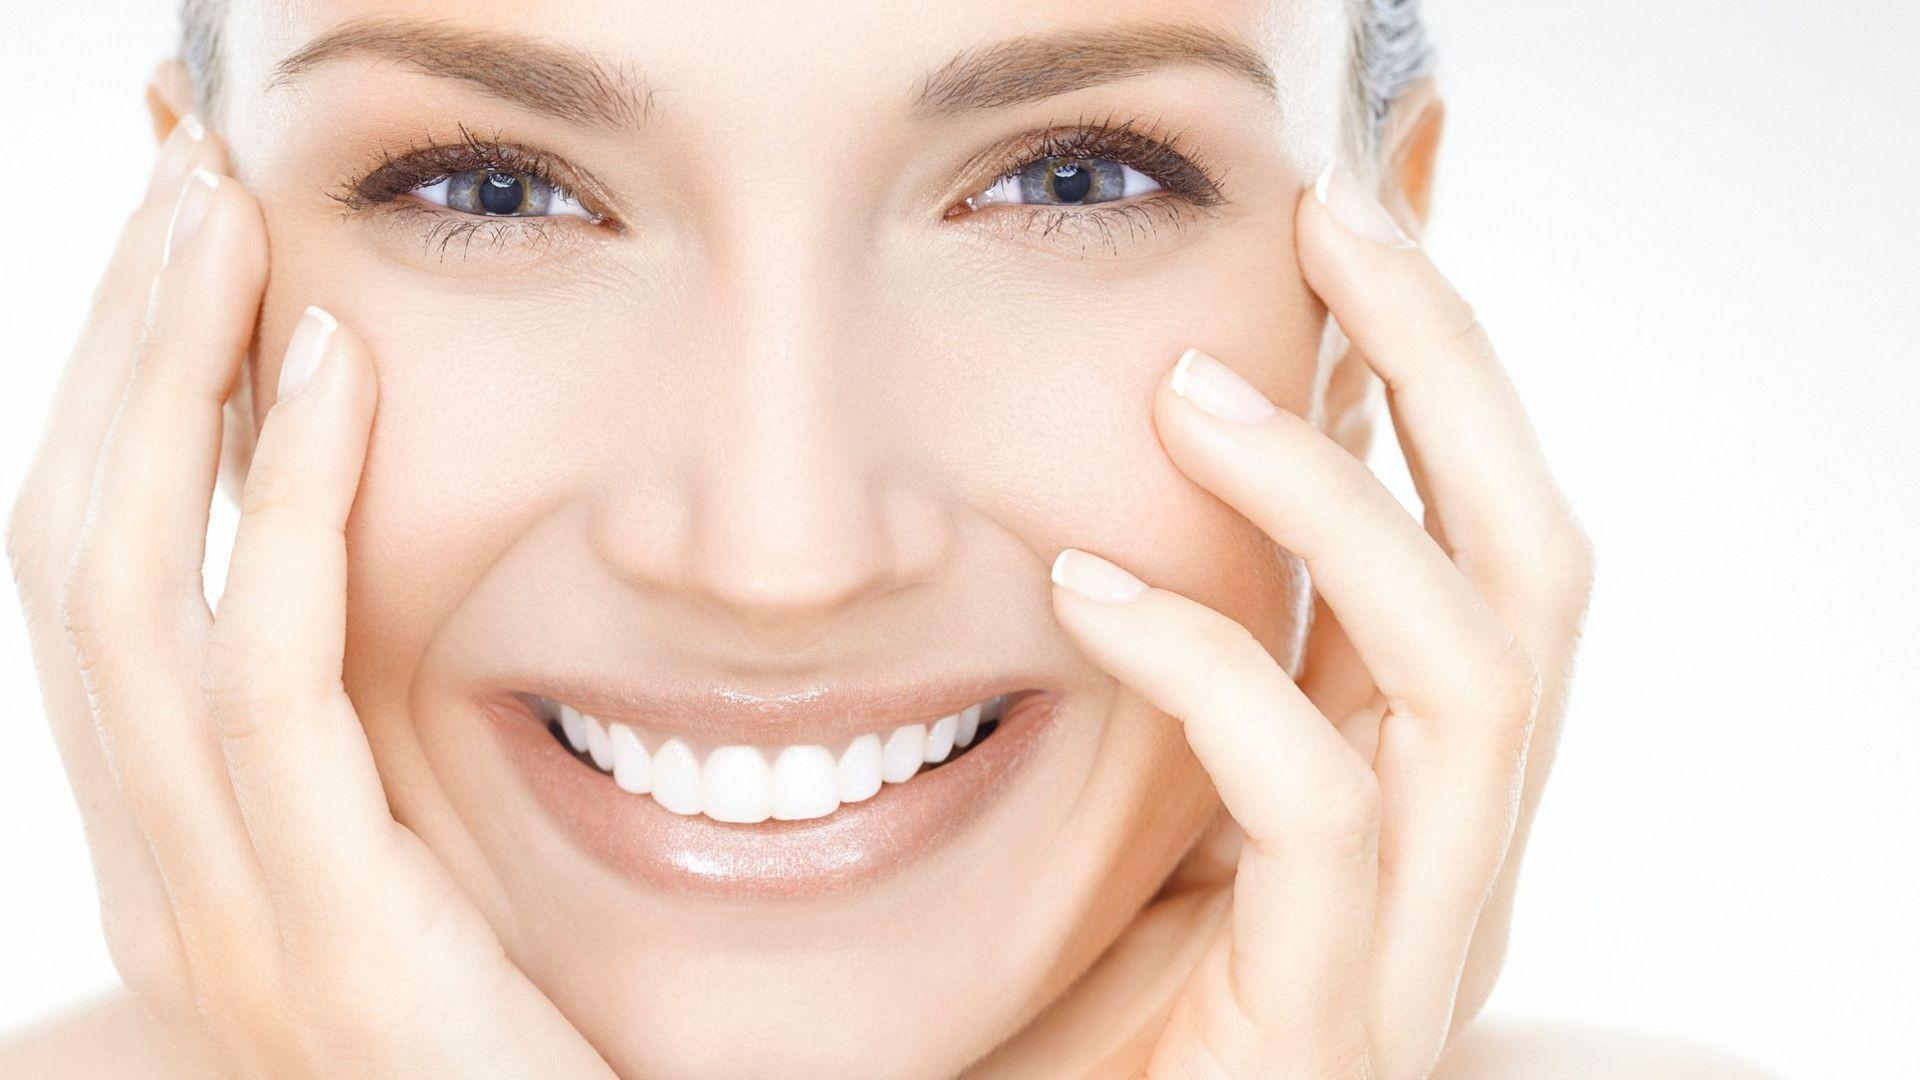 clinica-dental-madrid-odontologo